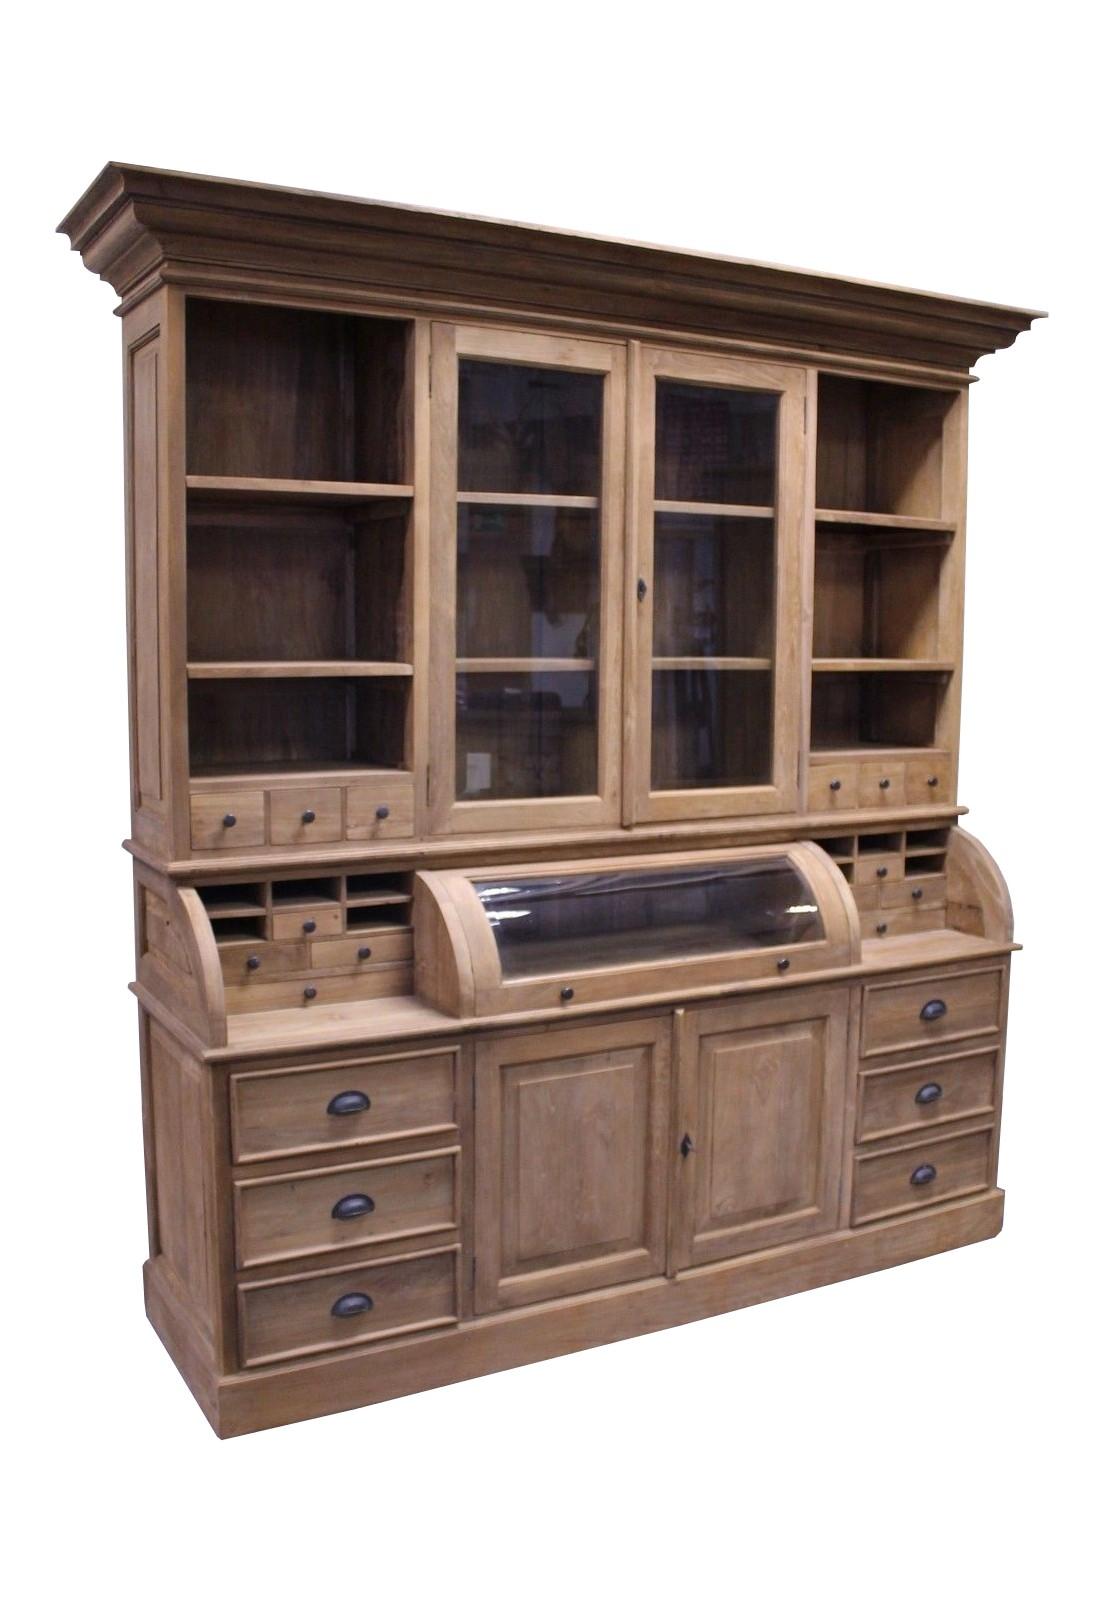 teak buffet mayotte je002 vollwaren. Black Bedroom Furniture Sets. Home Design Ideas